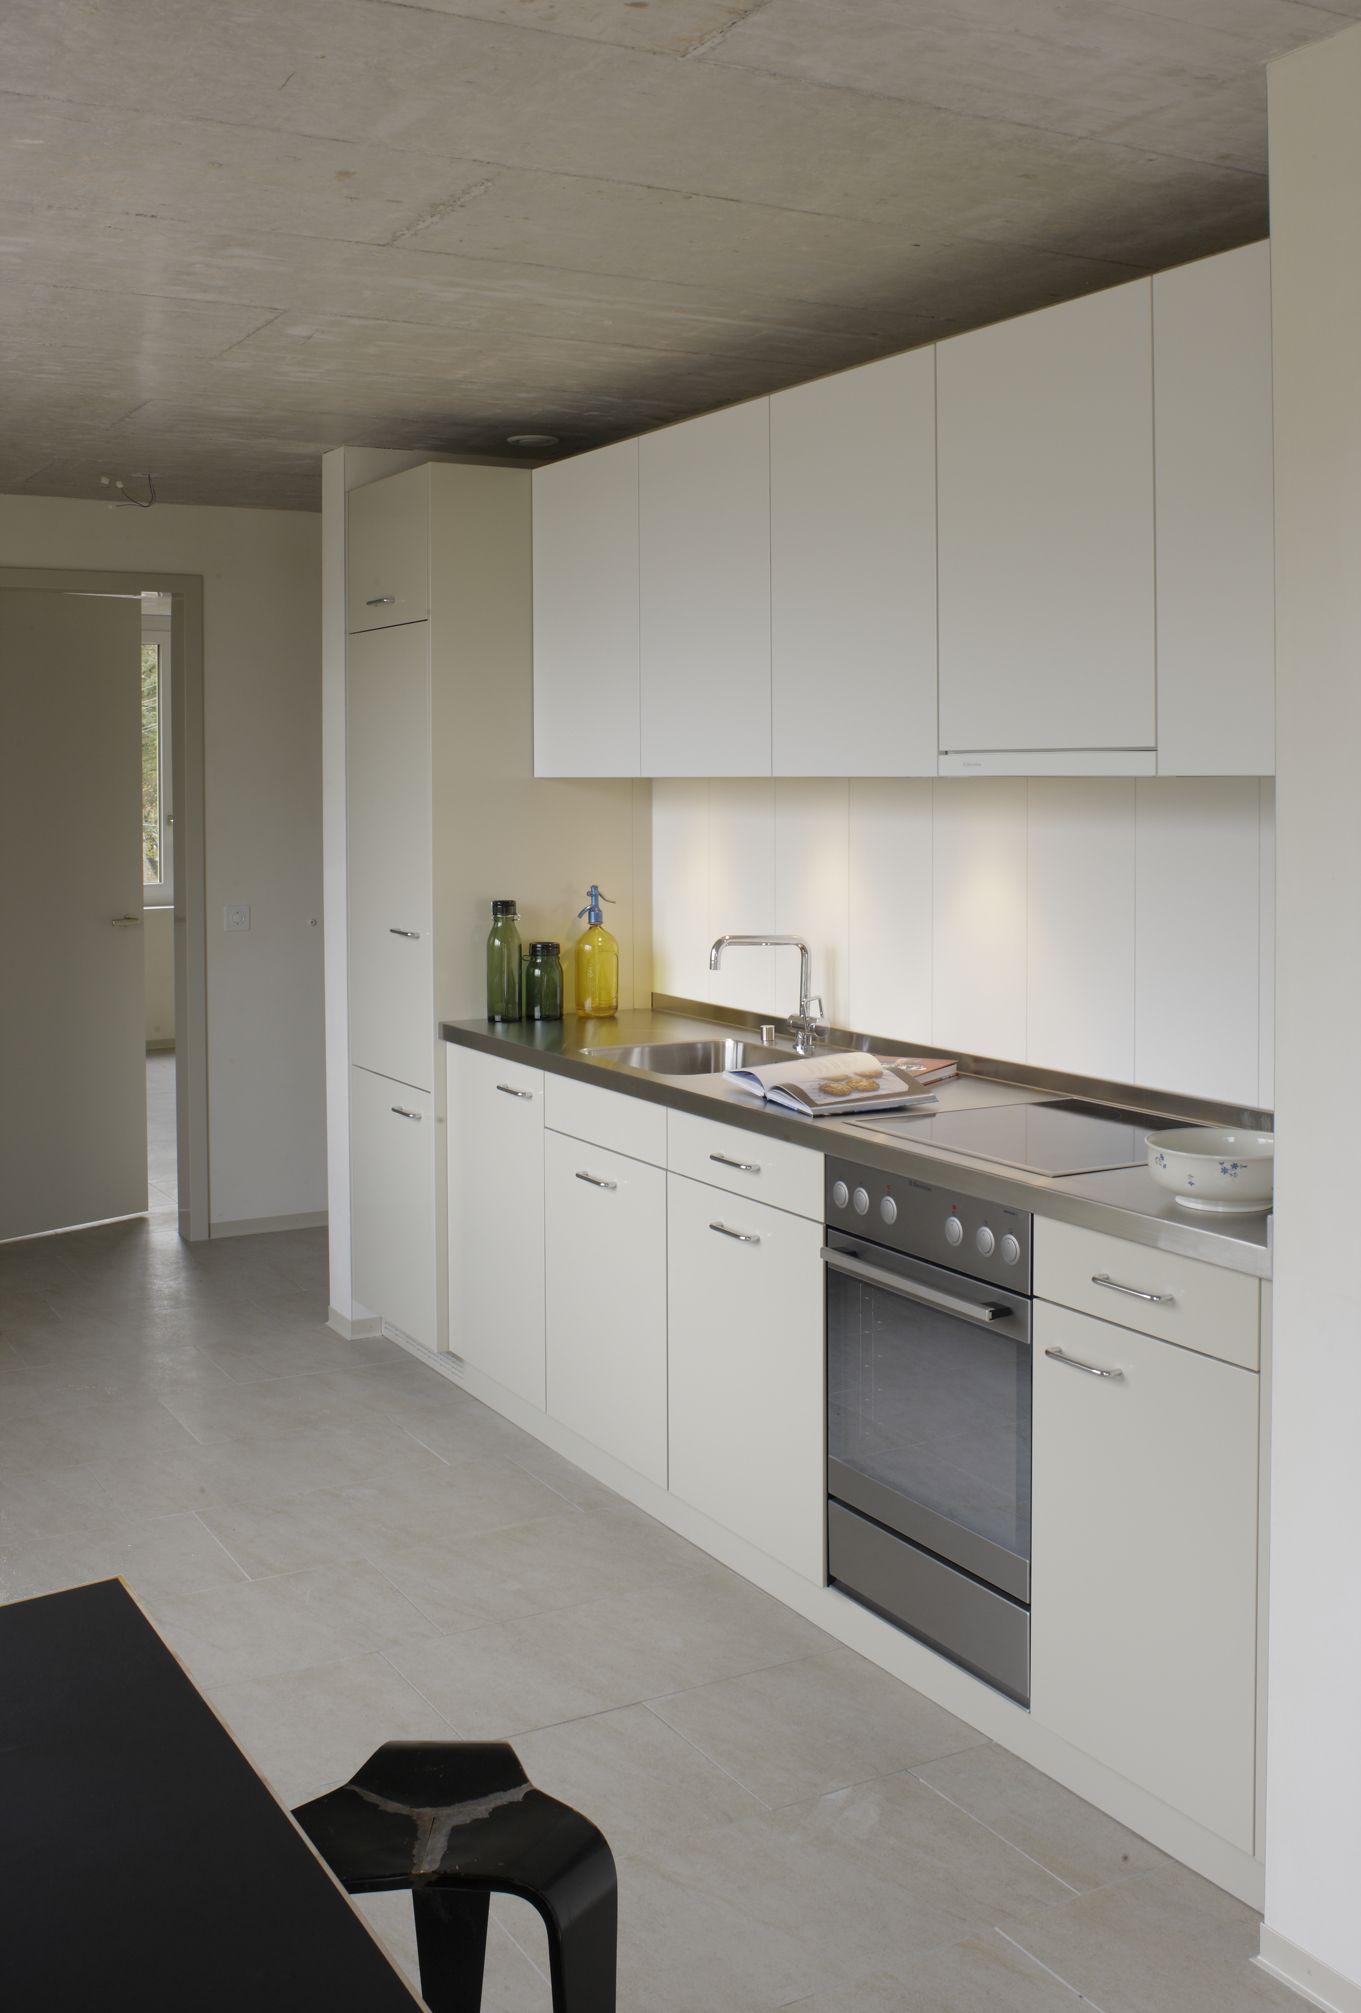 Die Genossenschaft Wohnbaugenossenschaft Gesundes Wohnen MCS Realisiert In  Zürich Leimbach Ein Mehrfamilienhaus, Das Speziell Für · Kitchen DesignsPeople  ...